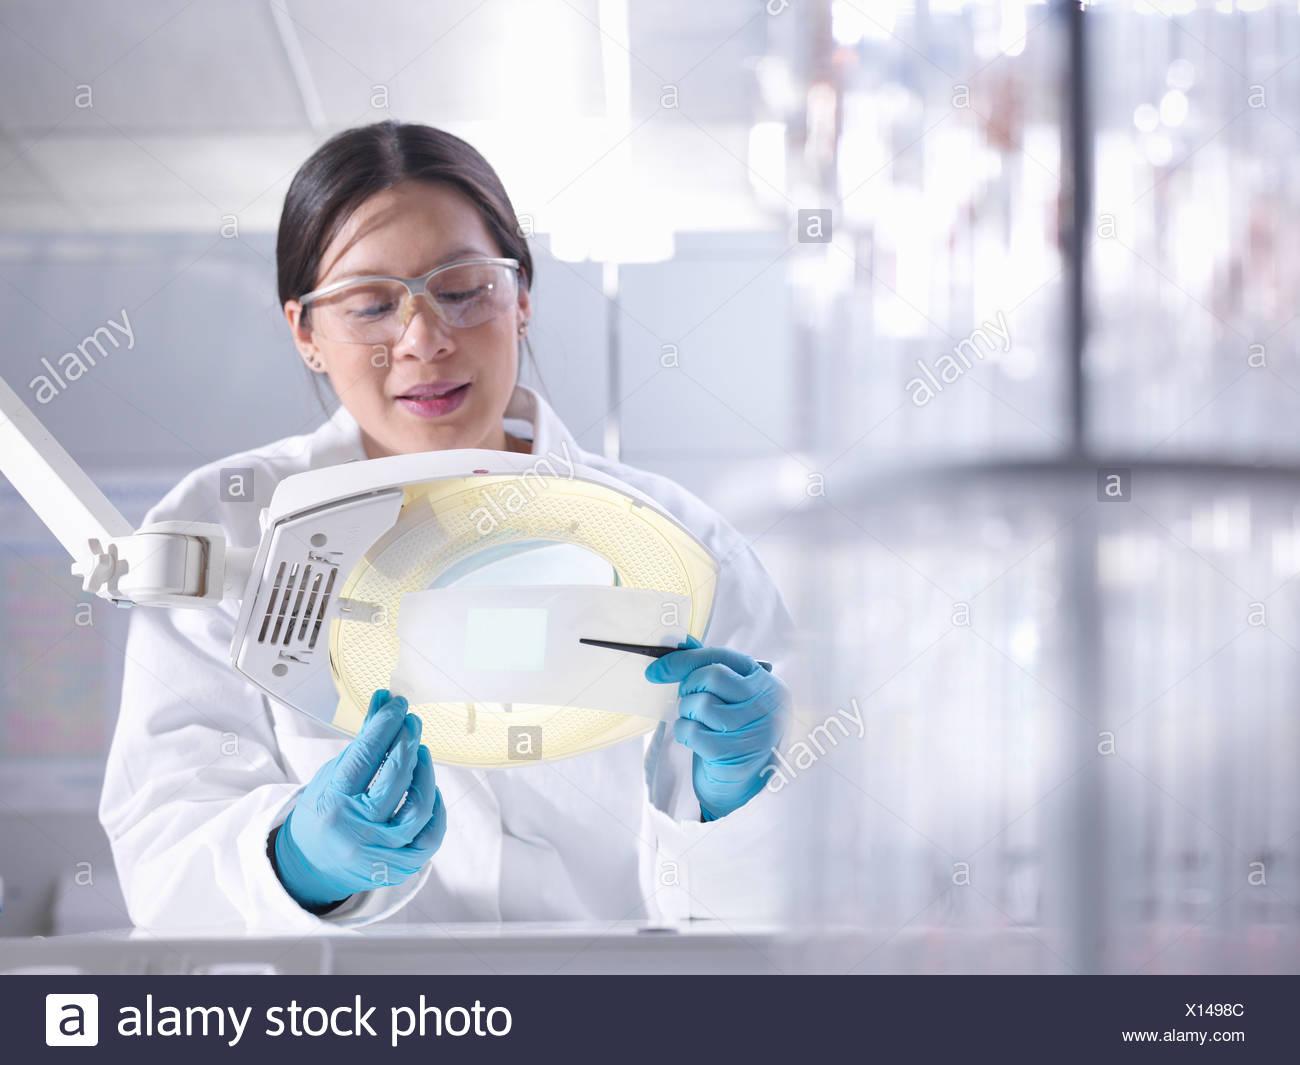 Laboratoire scientifique inspecte en produit Photo Stock